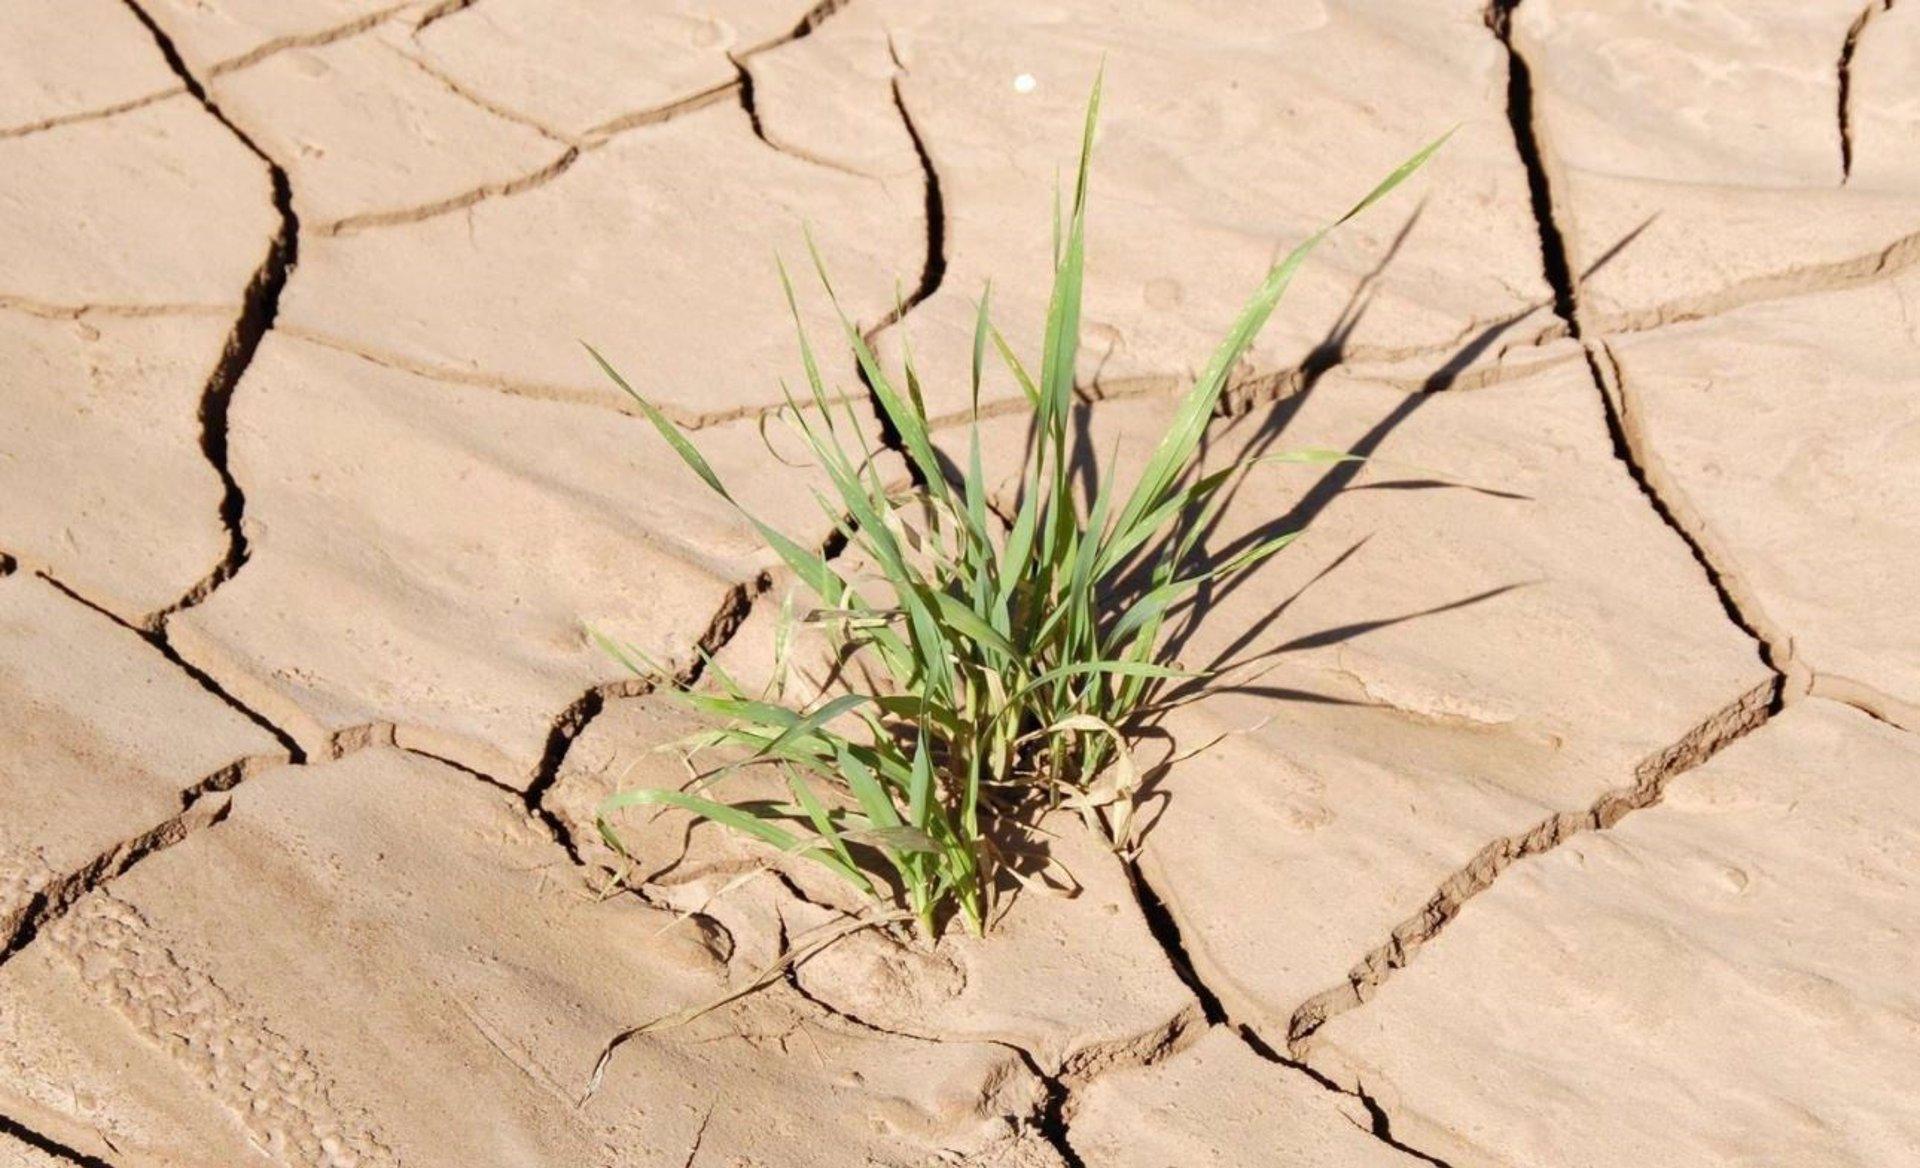 La CHG alerta de que las dos últimas sequías se produjeron «con niveles de reserva como la actual»: por debajo del 30%